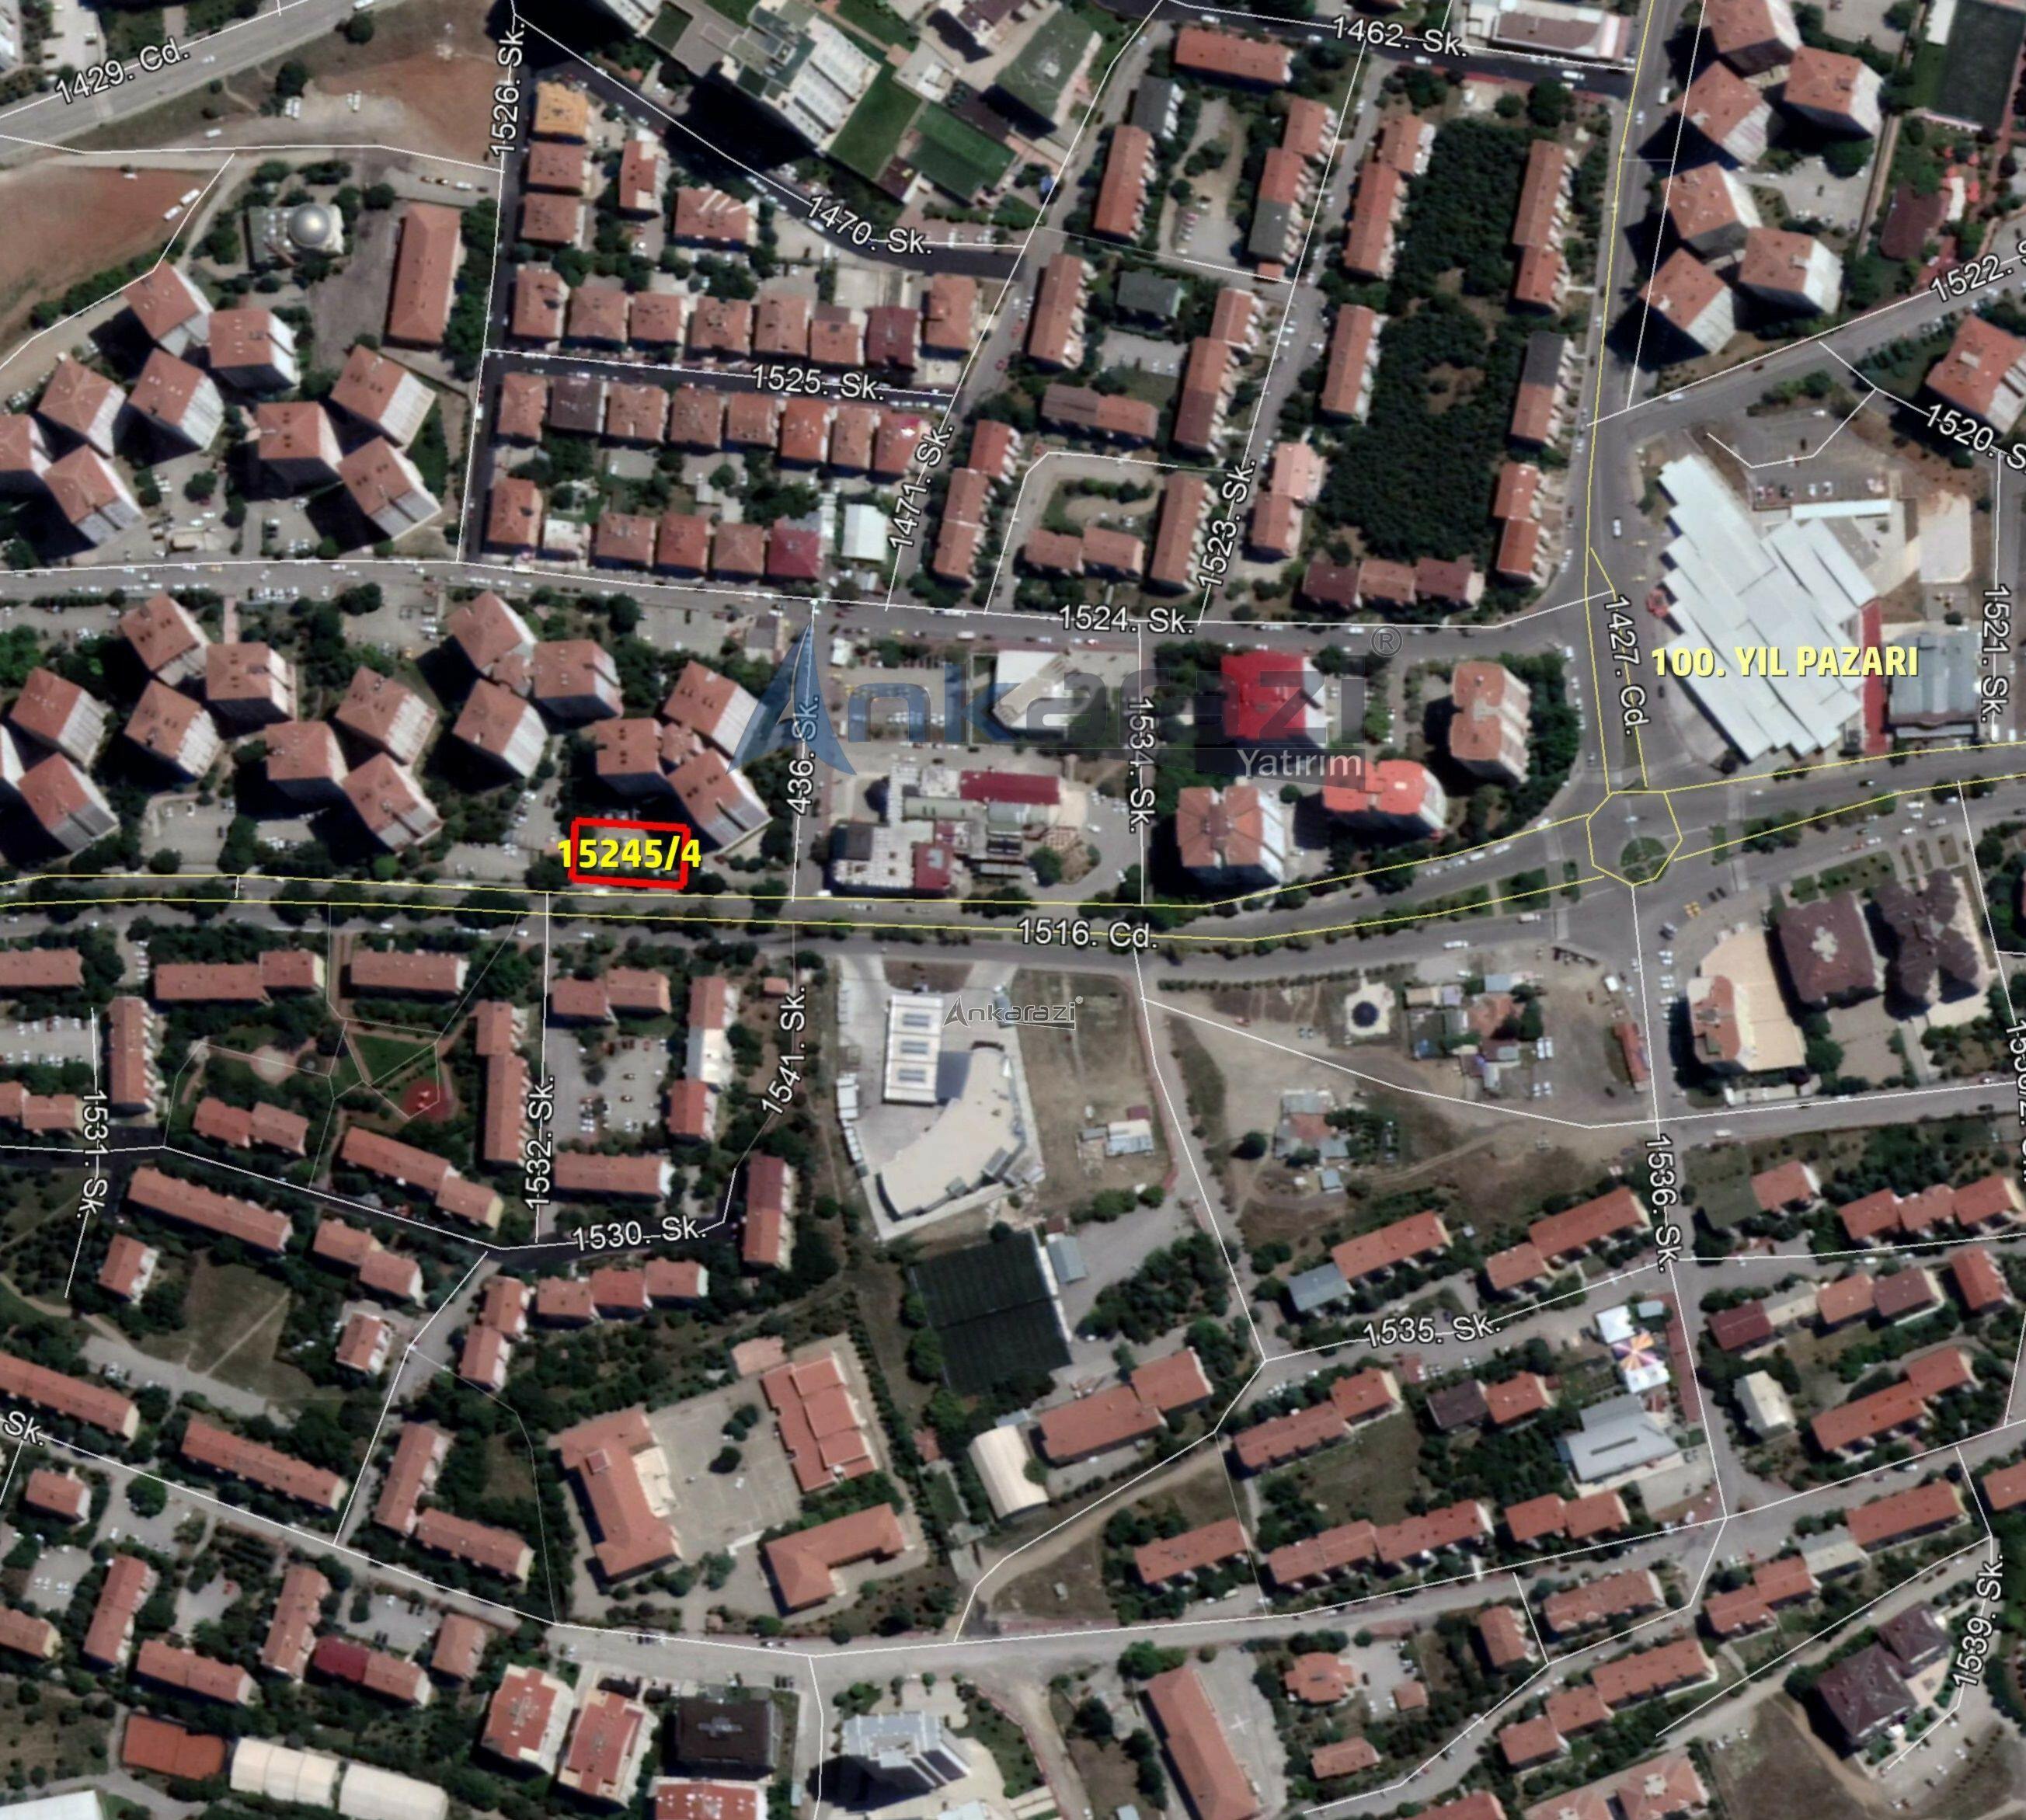 turkiye geneli - Memura öncelik var! 70 bin TL'den lojman satışları yeniden başladı...